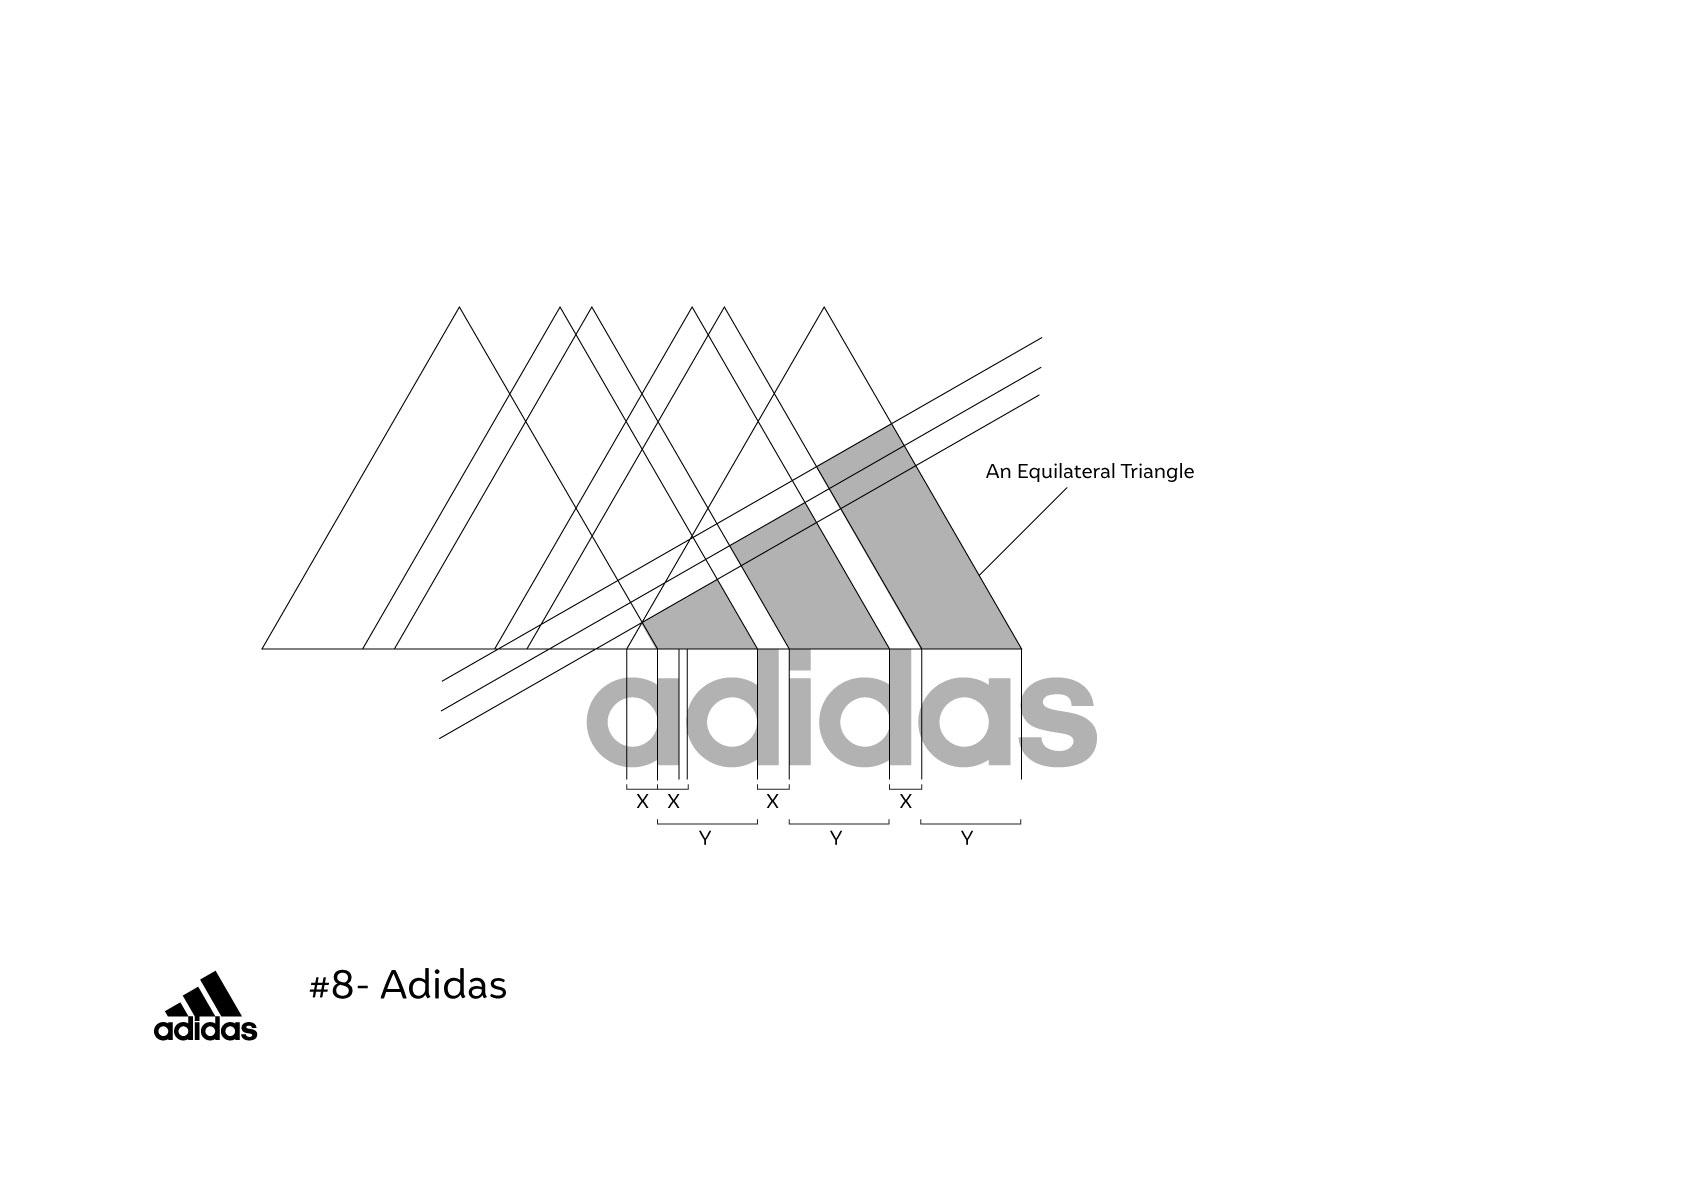 famous-logo-grids8